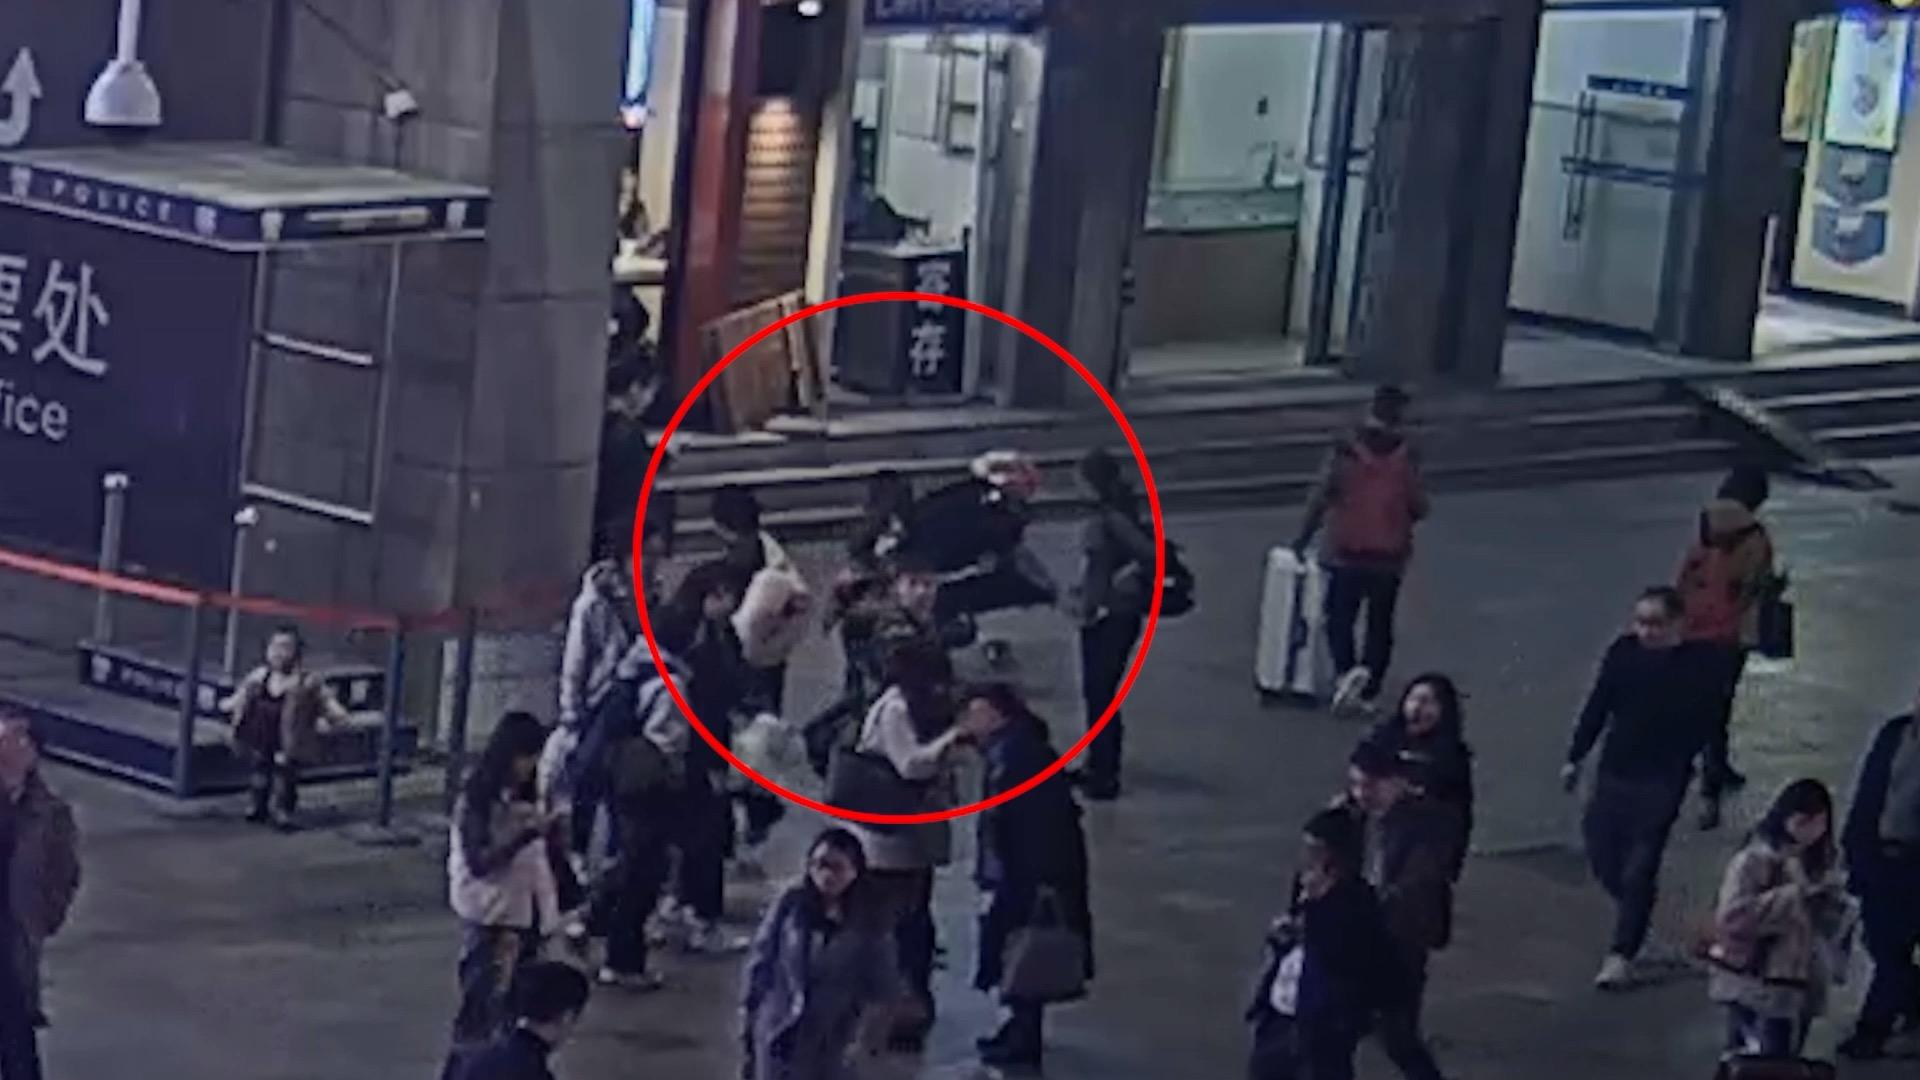 上海火车站前抱起孩子就跑,女子拐骗儿童获刑一年半